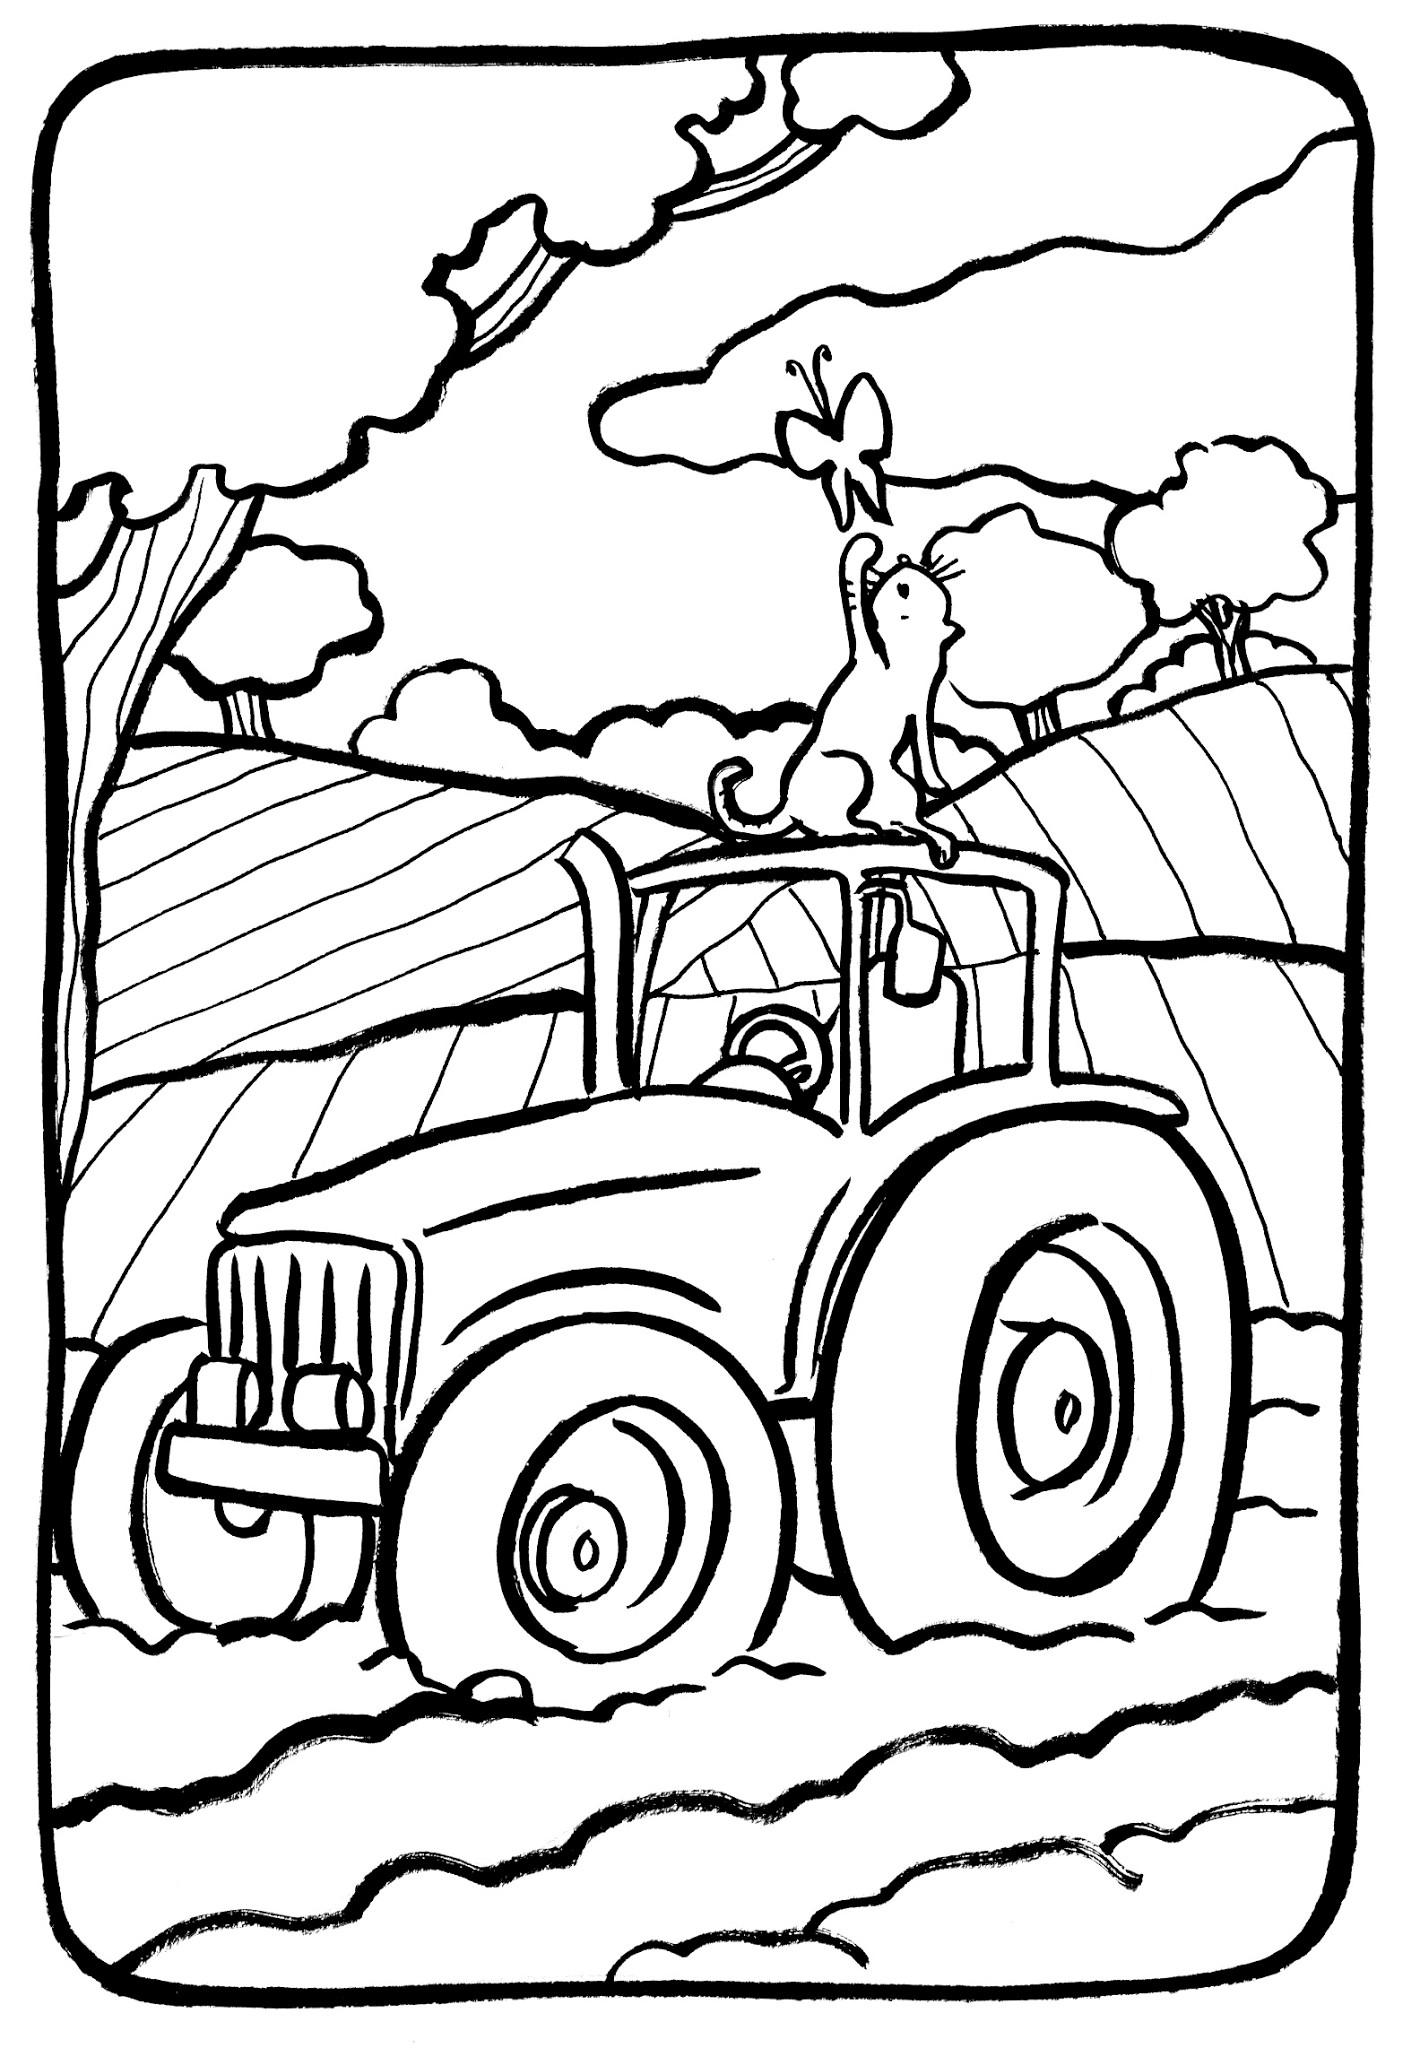 93 dessins de coloriage tracteur gratuit imprimer - Coloriage tractopelle a imprimer gratuit ...